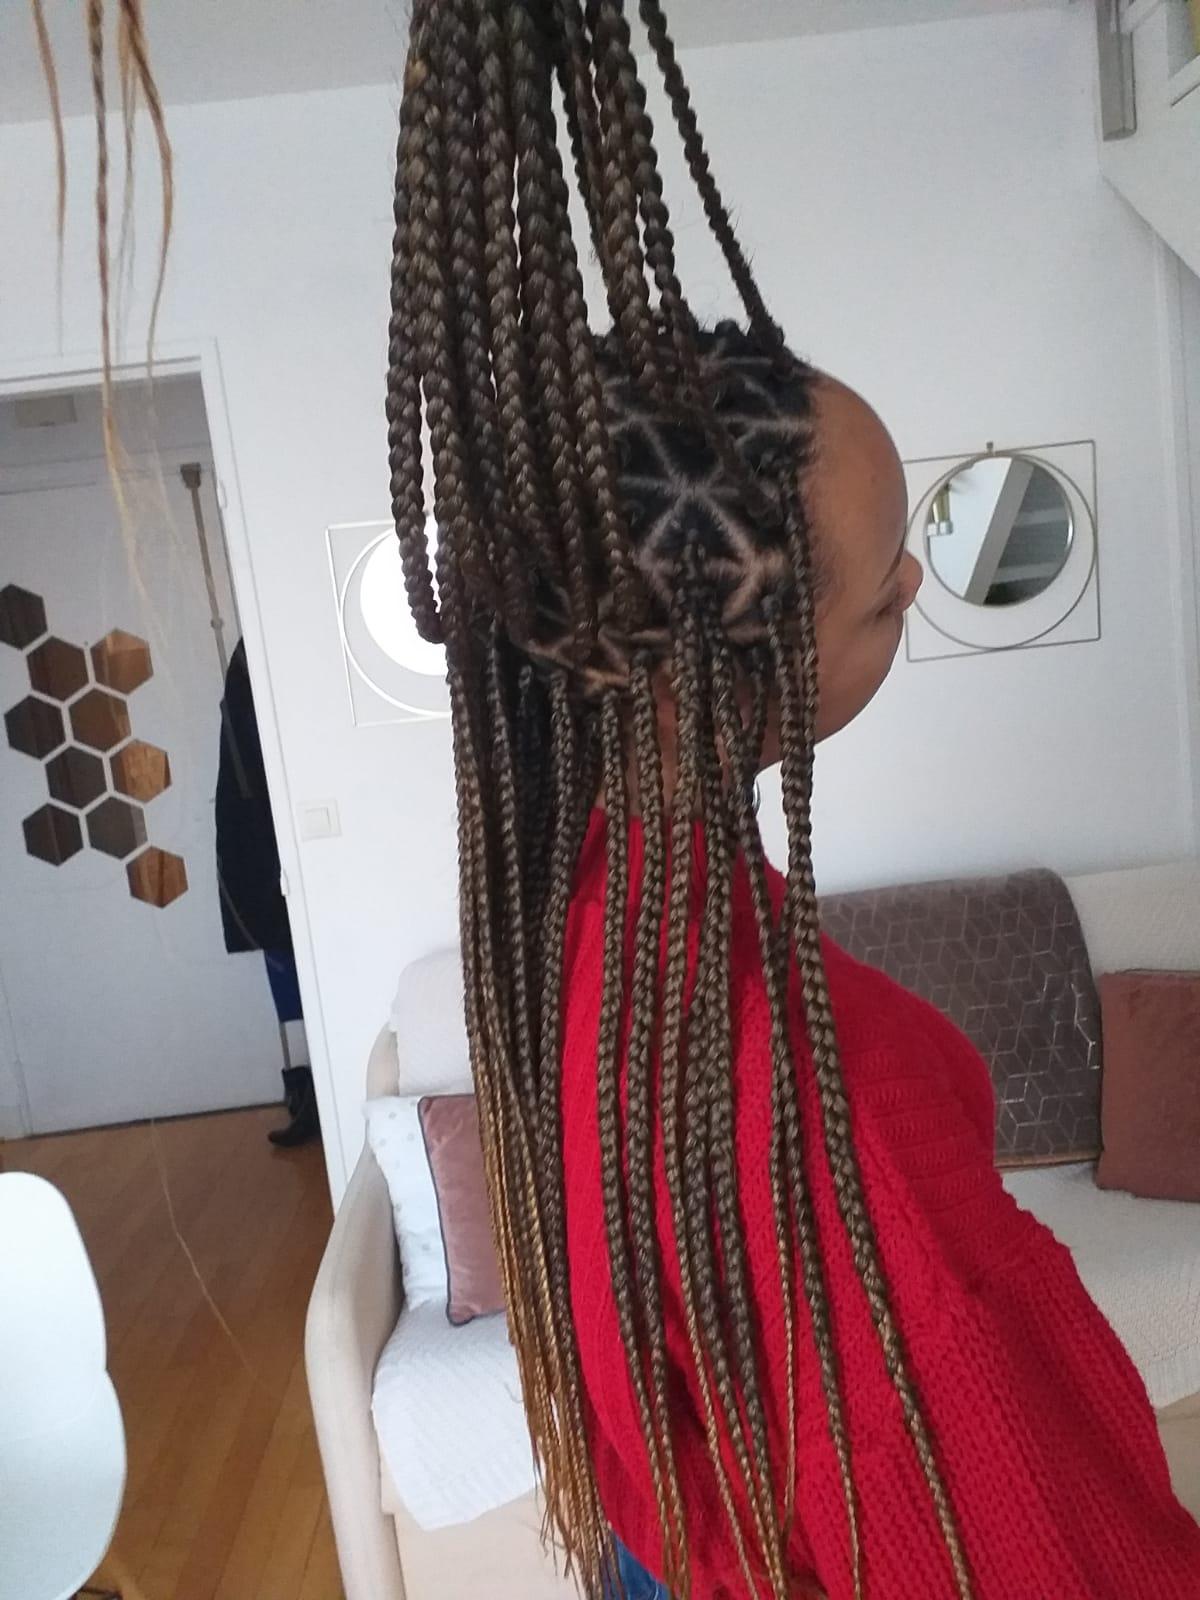 salon de coiffure afro tresse tresses box braids crochet braids vanilles tissages paris 75 77 78 91 92 93 94 95 IADFWRDX